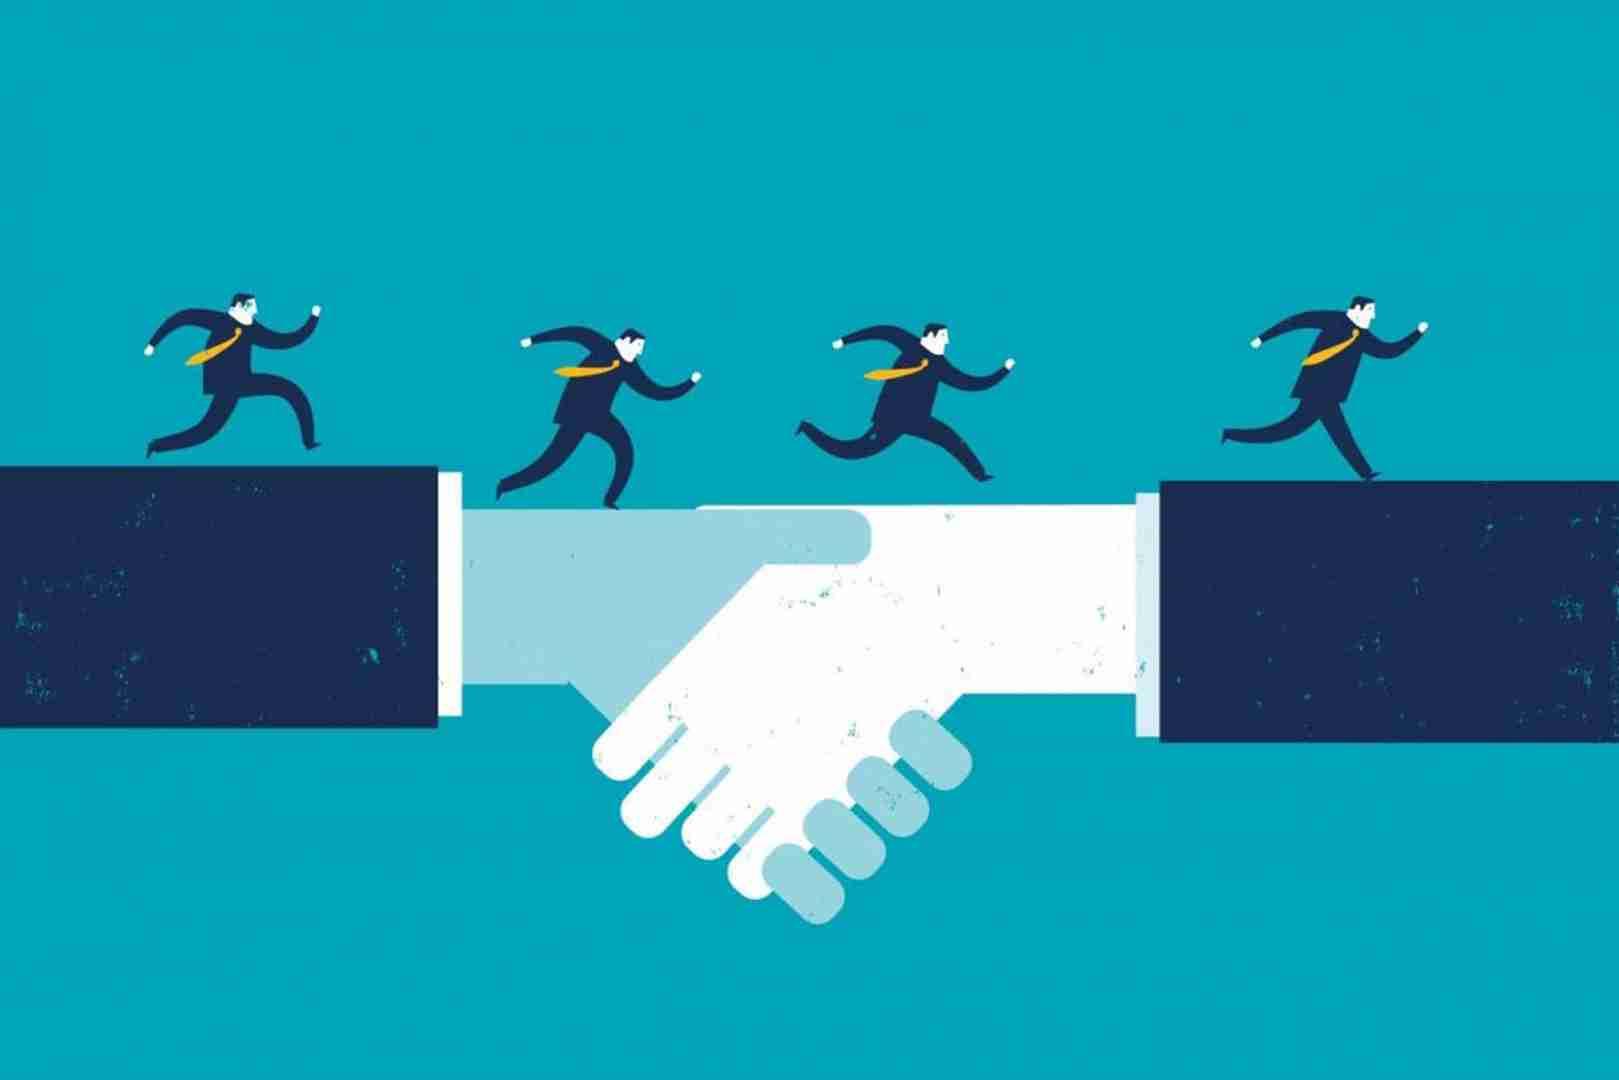 6技能卓越的领导者执行得更好